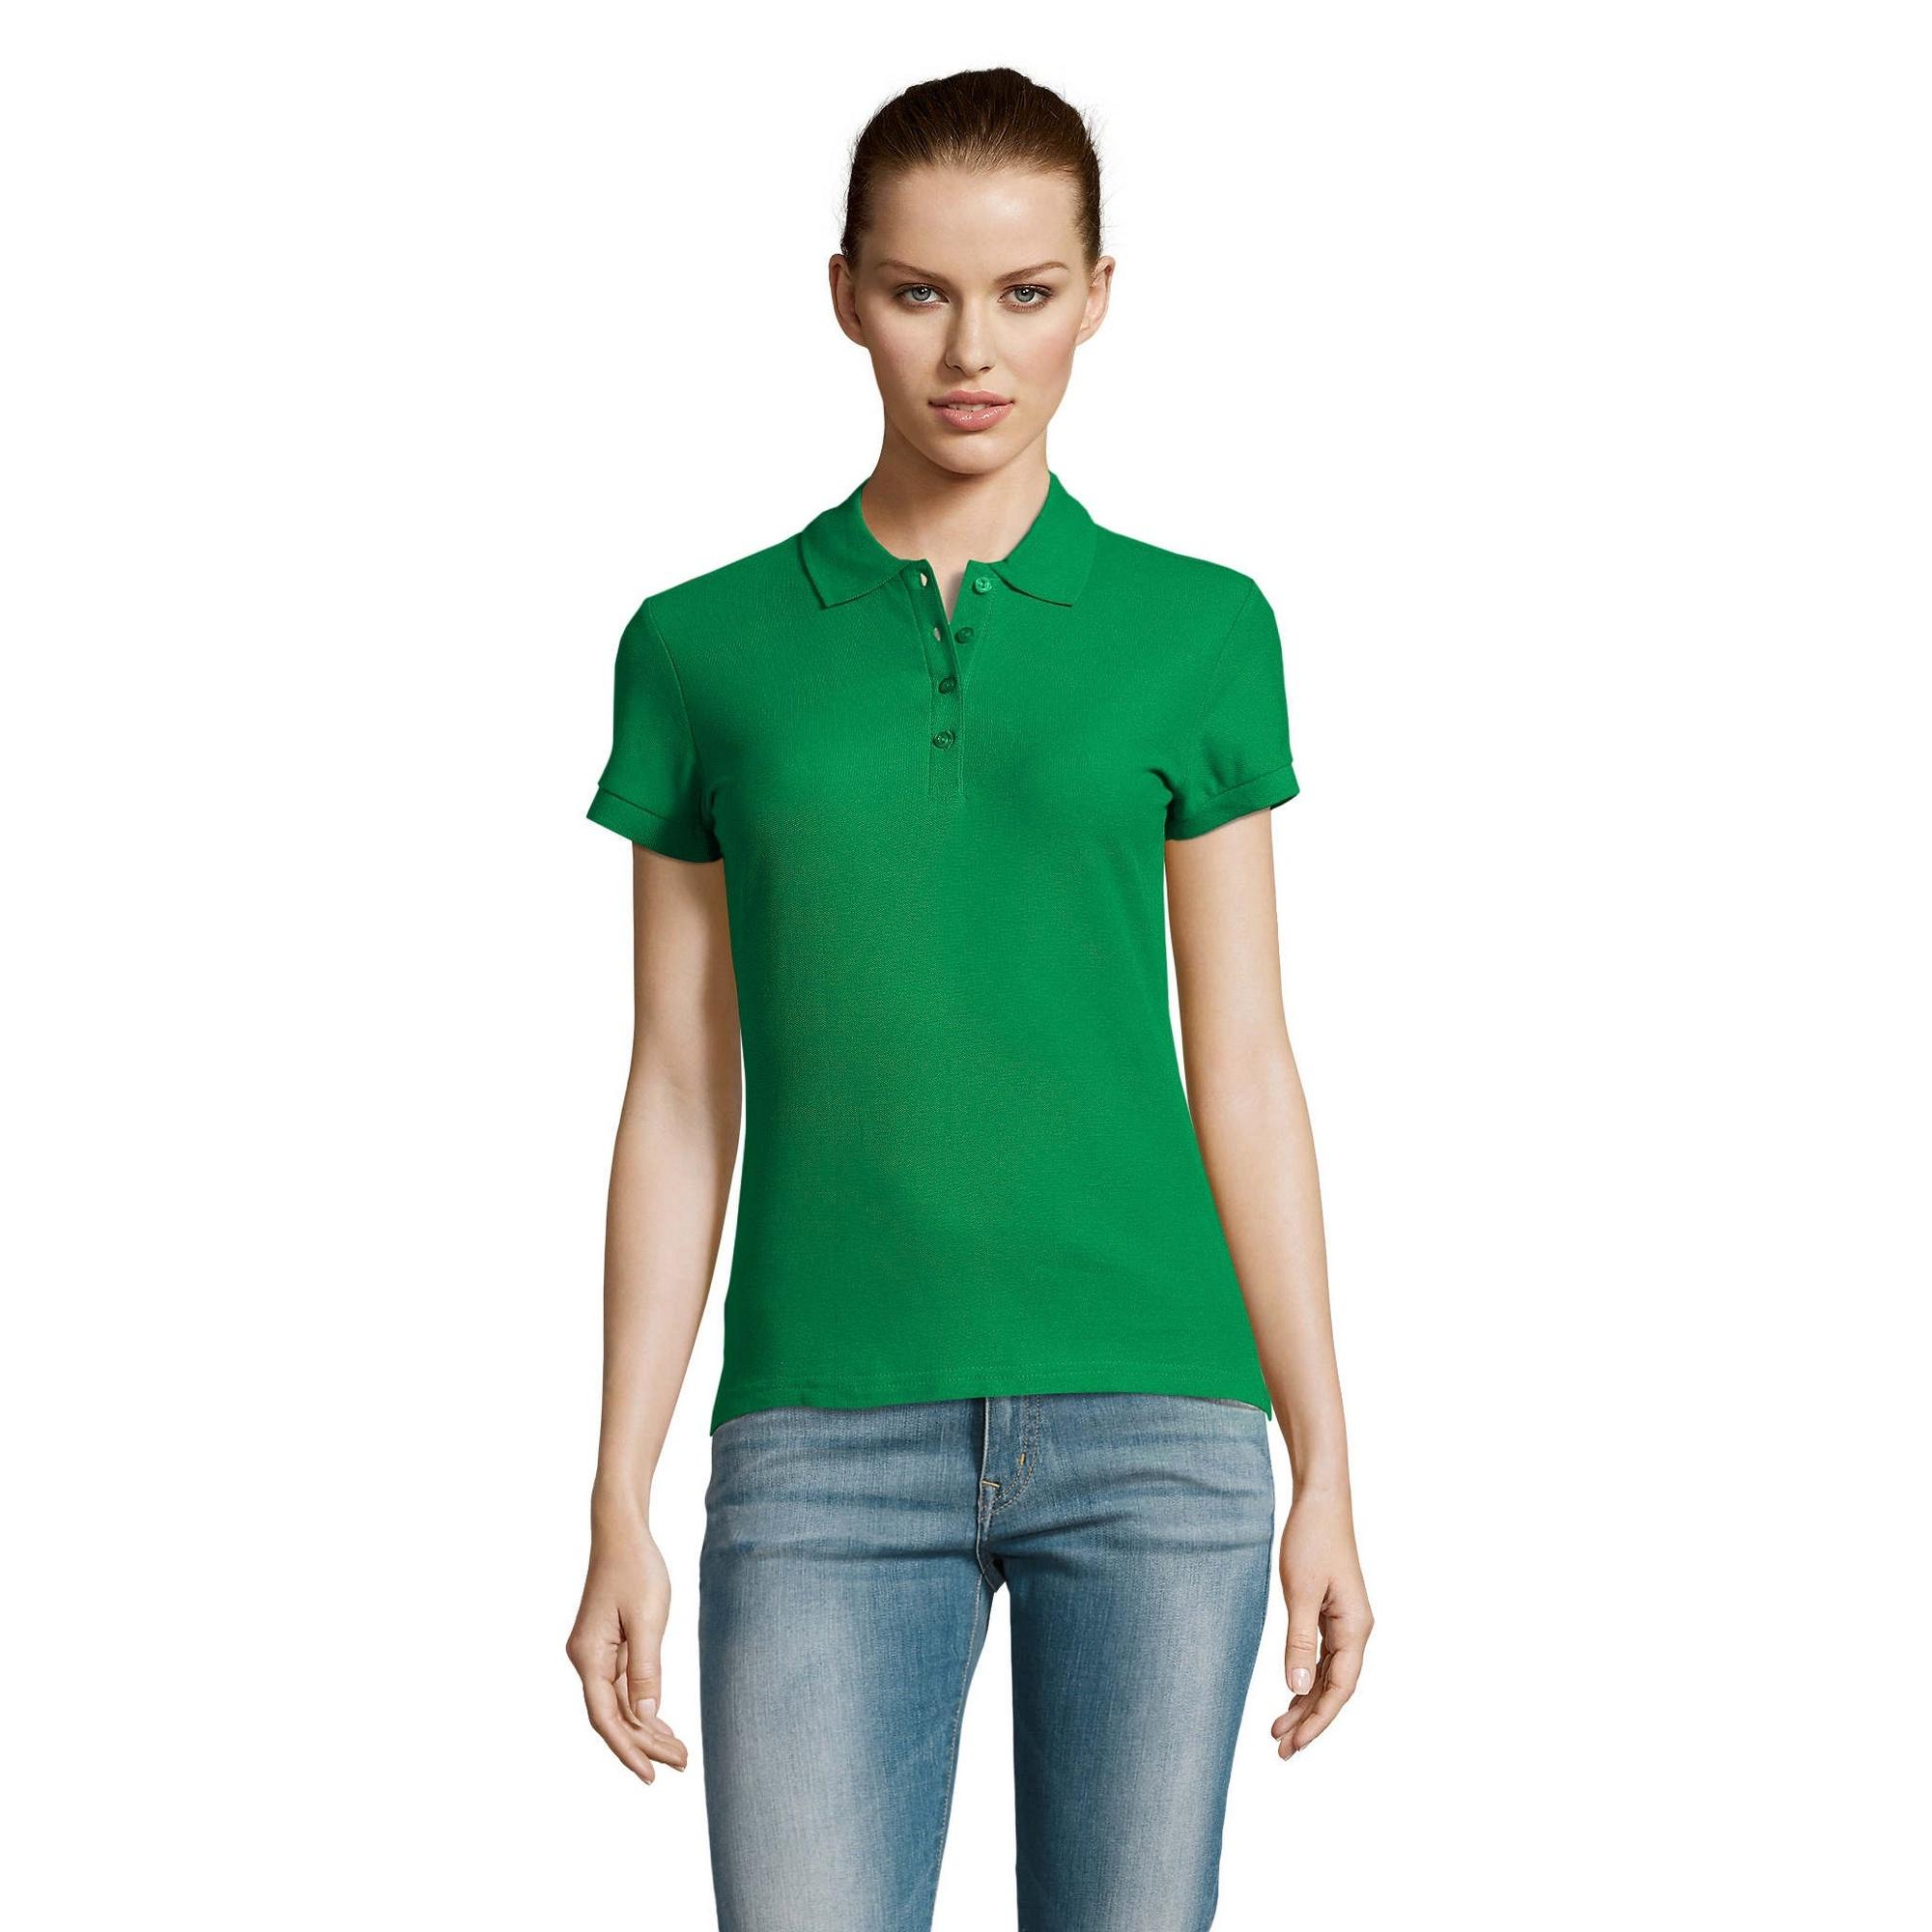 miniature 33 - SOLS Passion - Polo 100% coton à manches courtes - Femme (S-2XL) 16 (PC317)